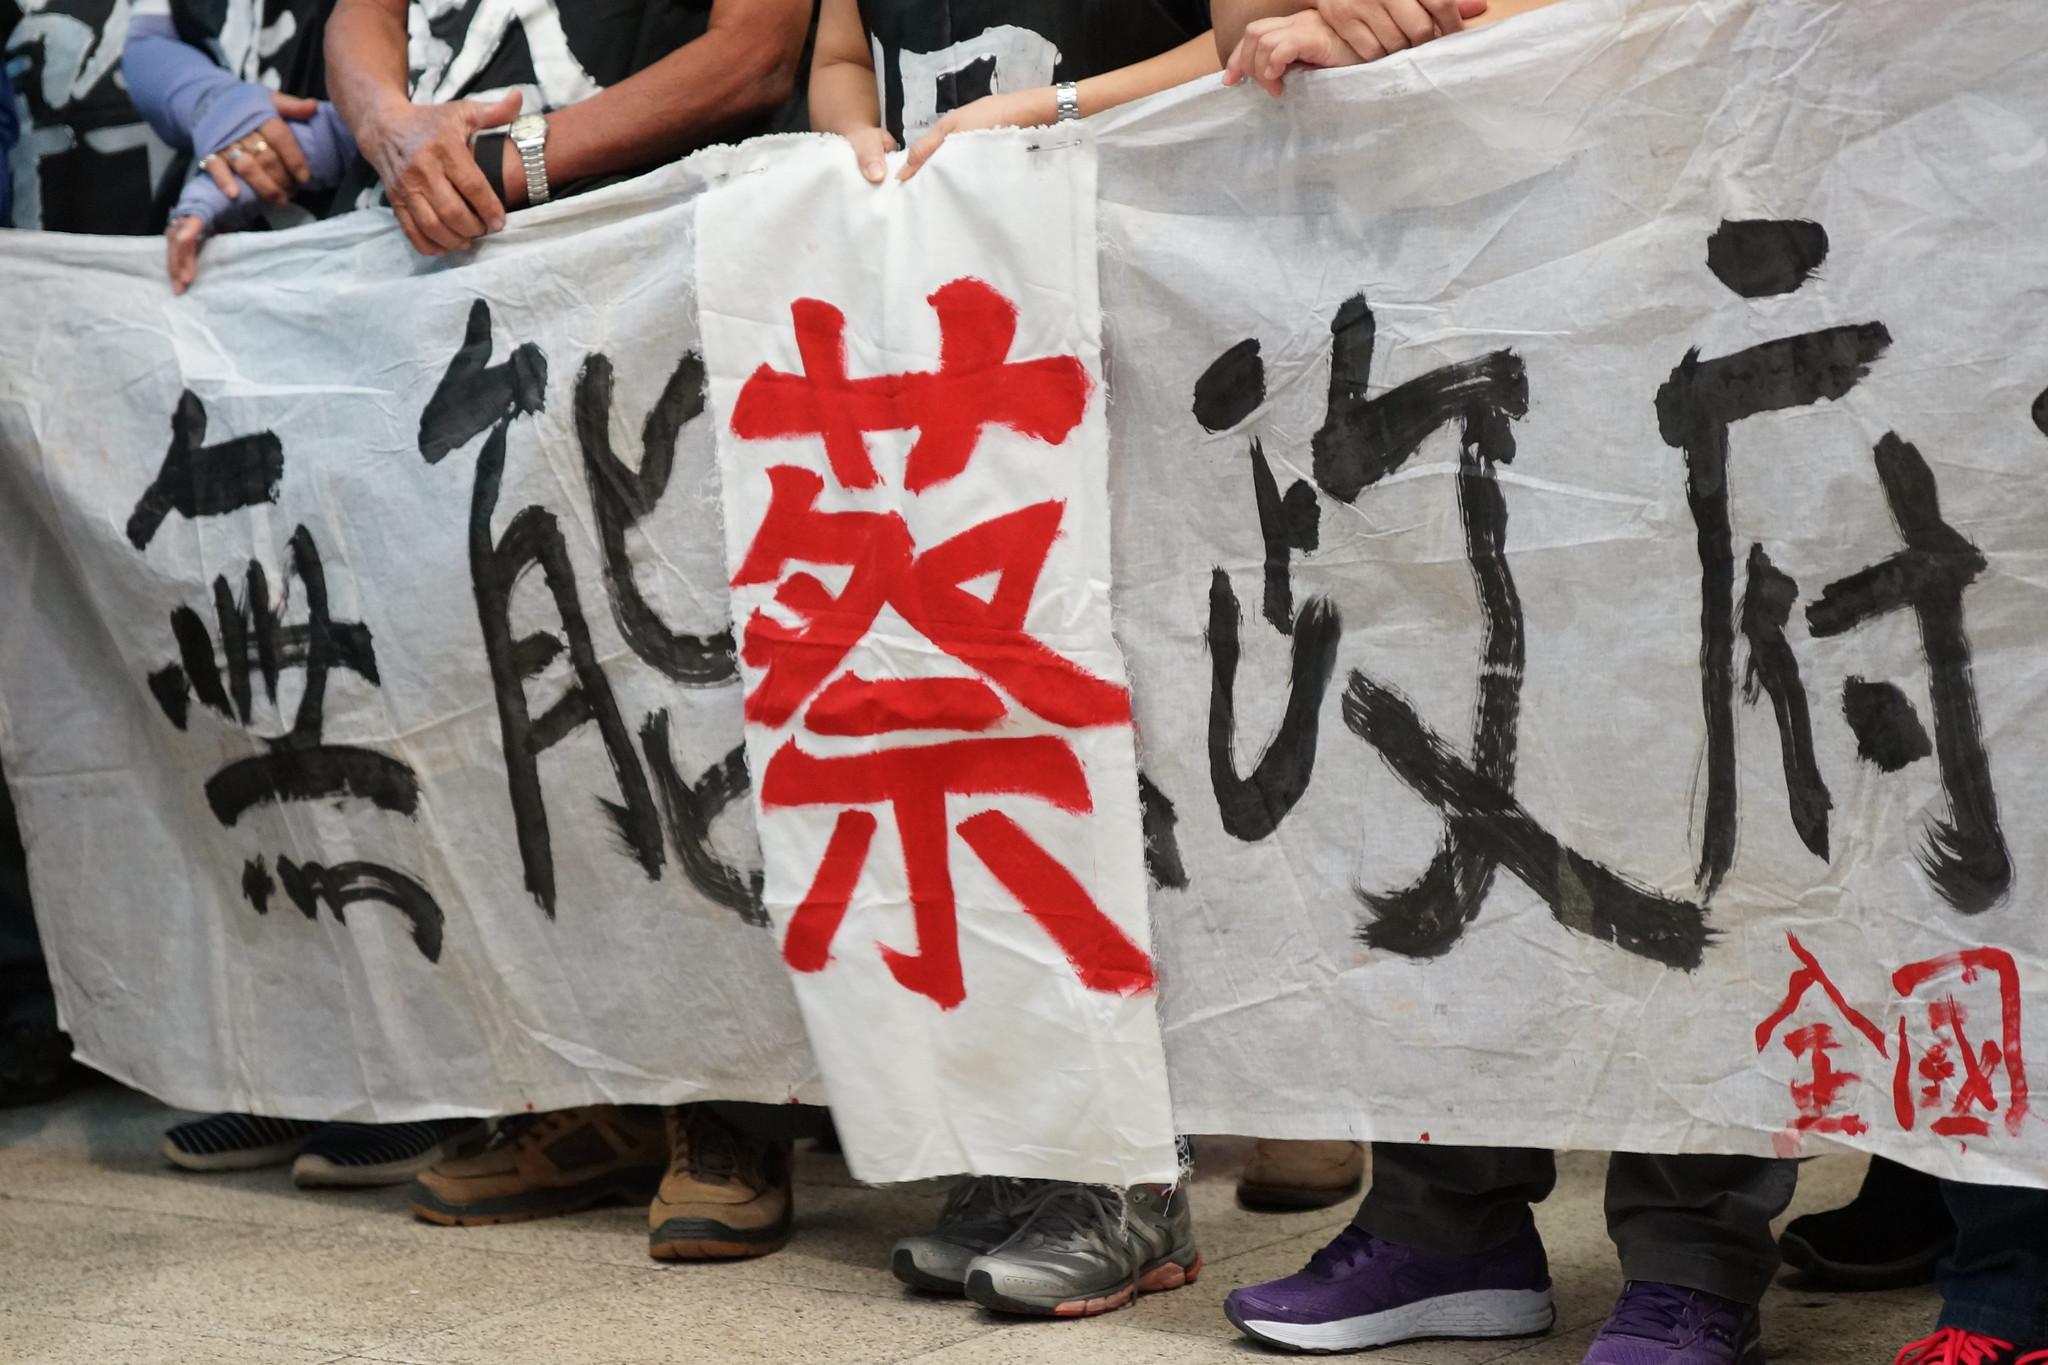 全關連現場重新拉起當年抗爭布條,並把「馬政府」改為「蔡政府」,政權雖更迭,但對待工人運動的態度卻很一致。(攝影:王顥中)